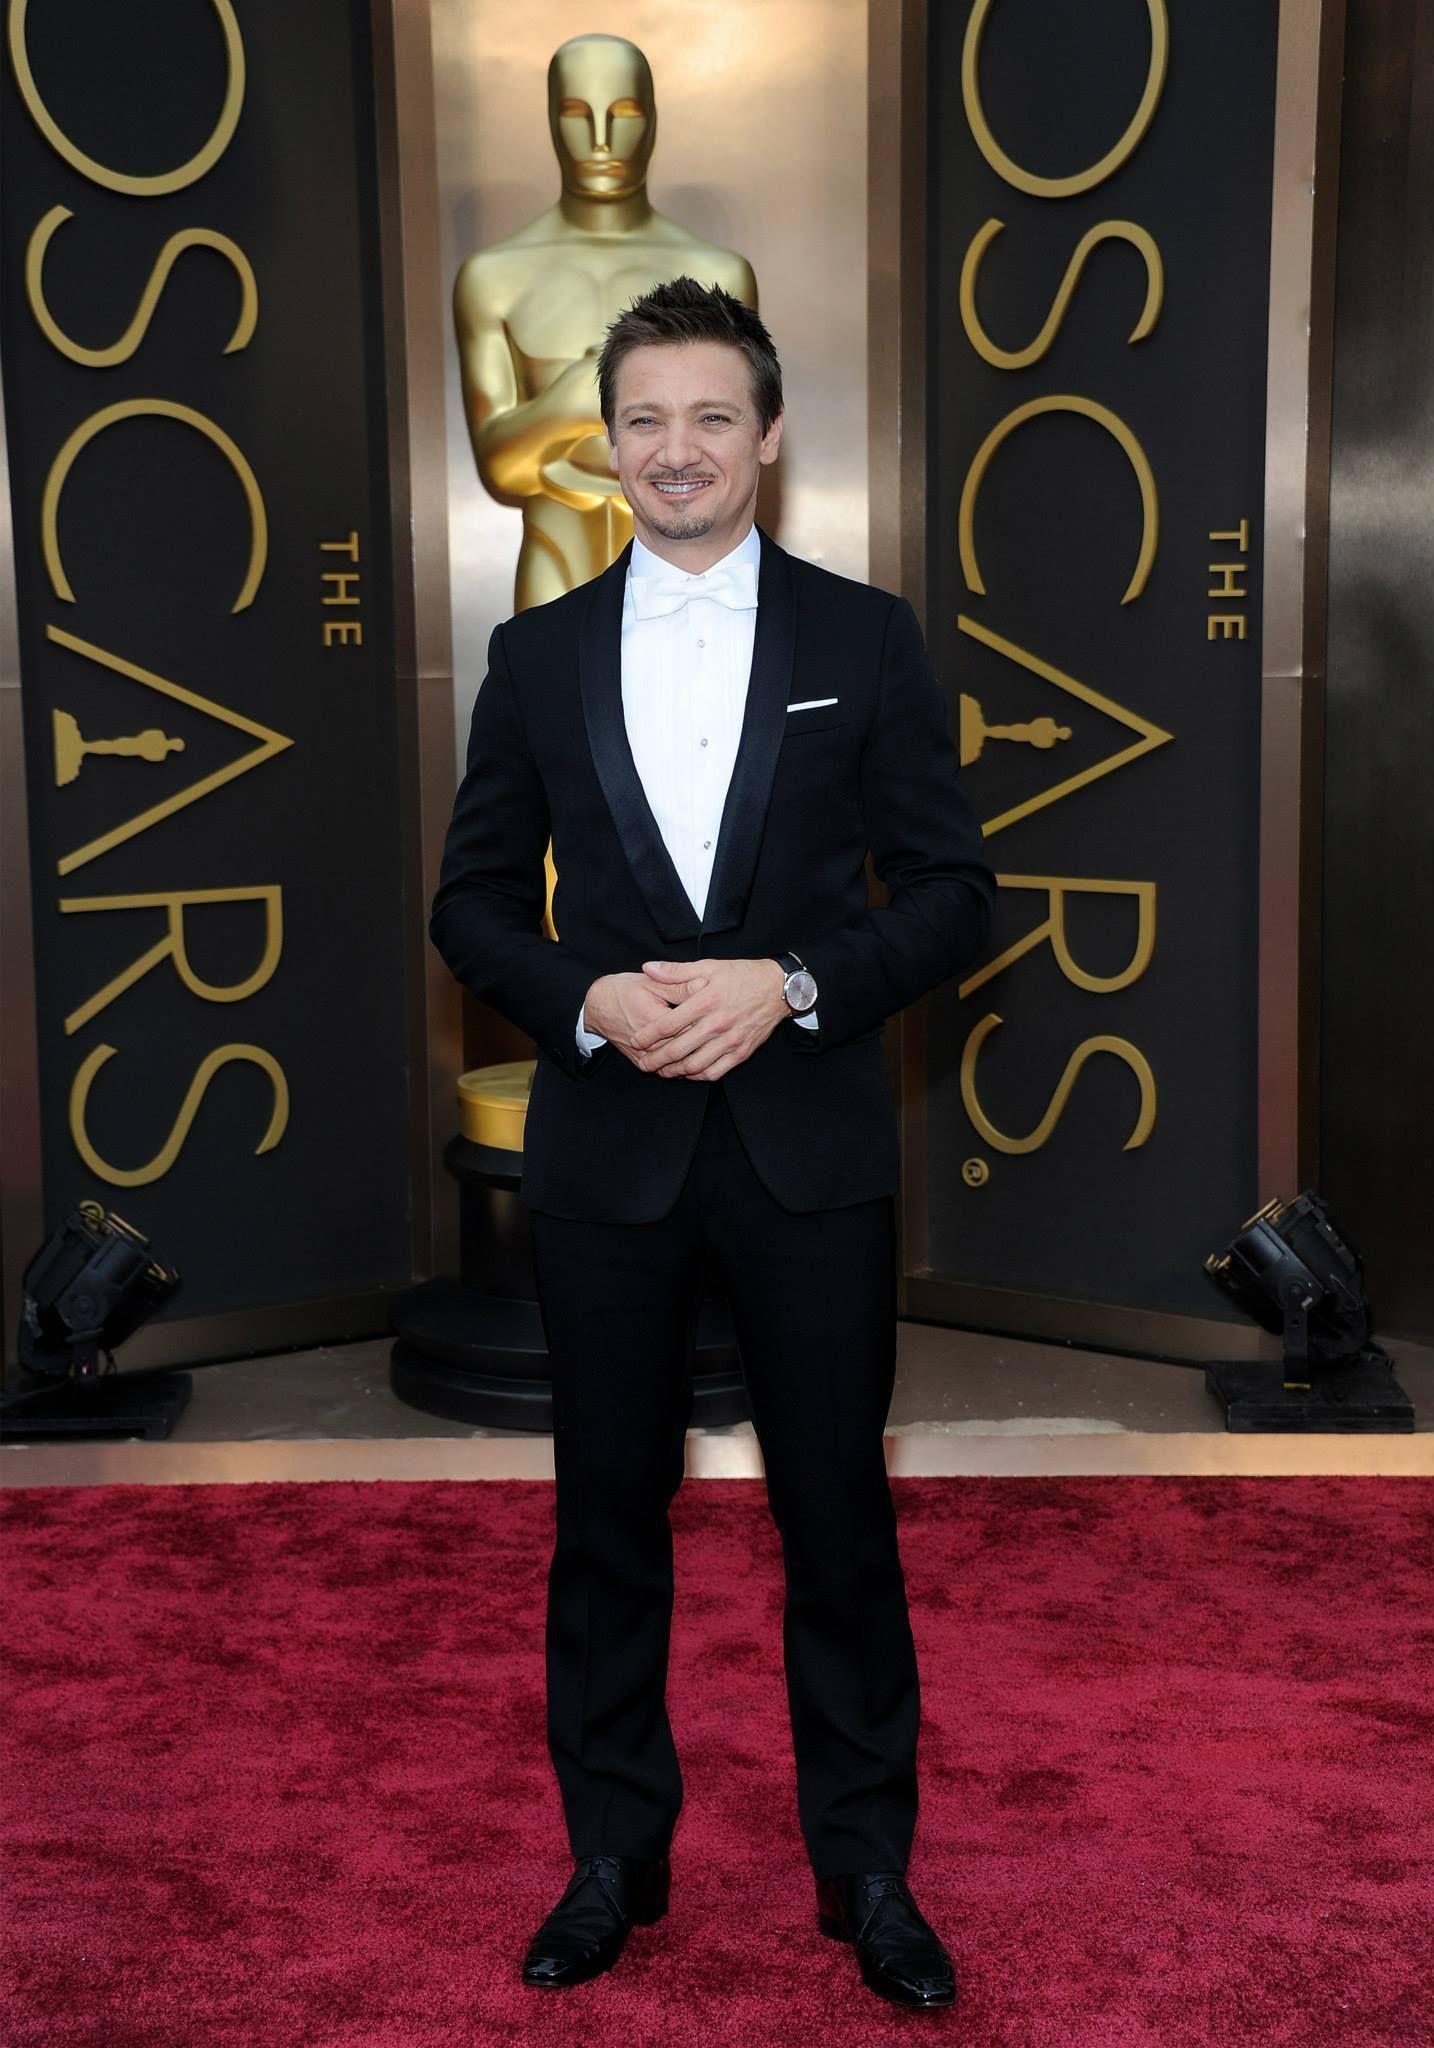 """LOS RELOJES DE LOS OSCARS 2014 - Jeremy Renner, actor de """"La gran estafa americana"""", se decantó por un reloj Master Ultra Thin 41 de Jaeger-LeCoultre para asistir a los Oscars 2014."""